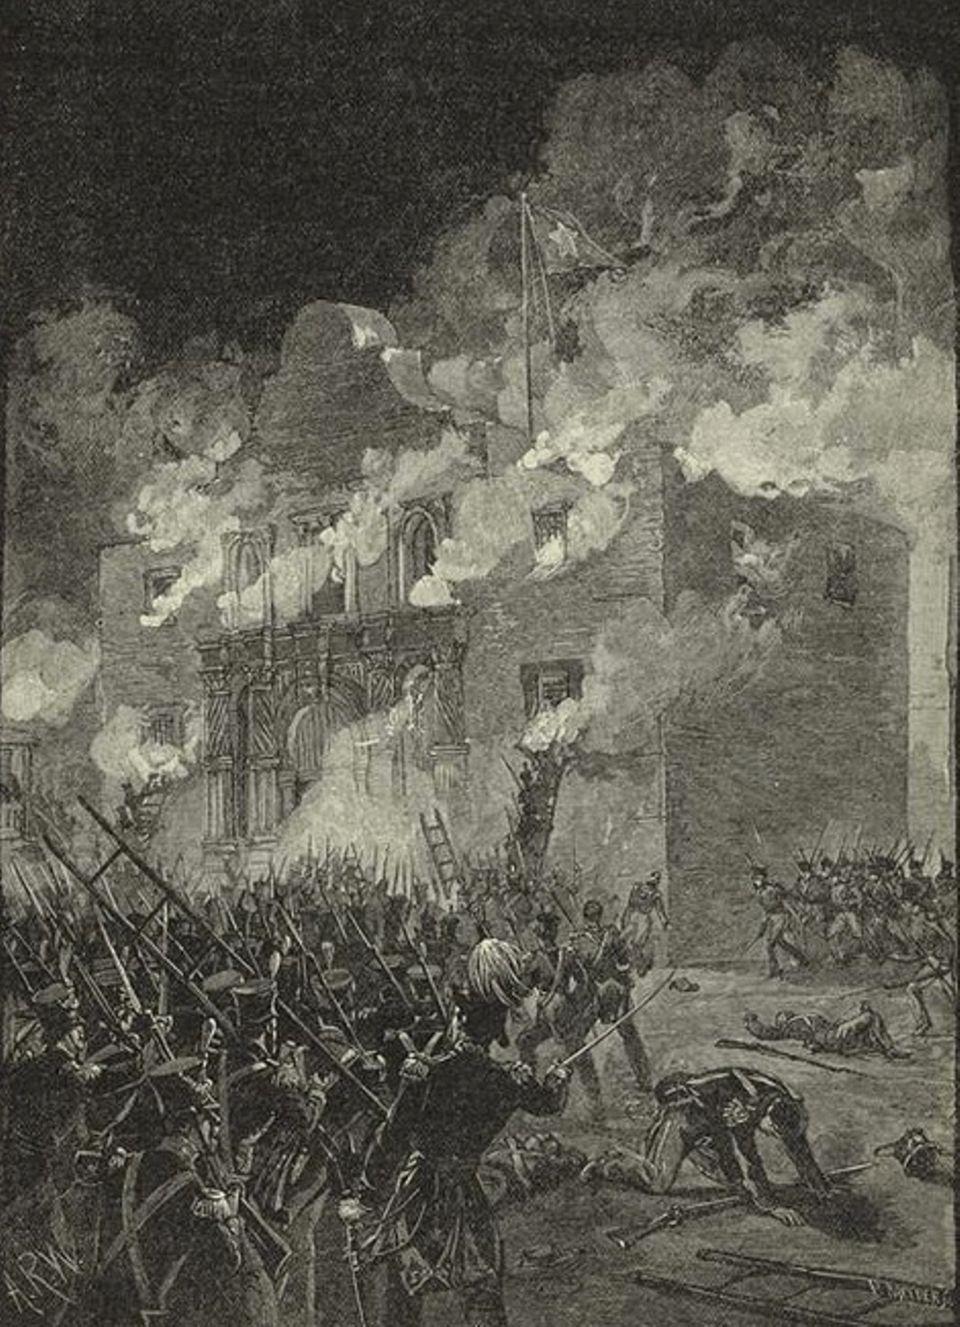 Wilder Westen: 13 Tage lang belagern mexikanische Truppen Alamo, wo sich rund 250 Texaner verbarrikadiert haben. Am frühen Morgen des 6. März 1836 befiehlt der Oberkommandierende Antonio López de Santa Anna den Sturm auf die ehemalige Missionsstation